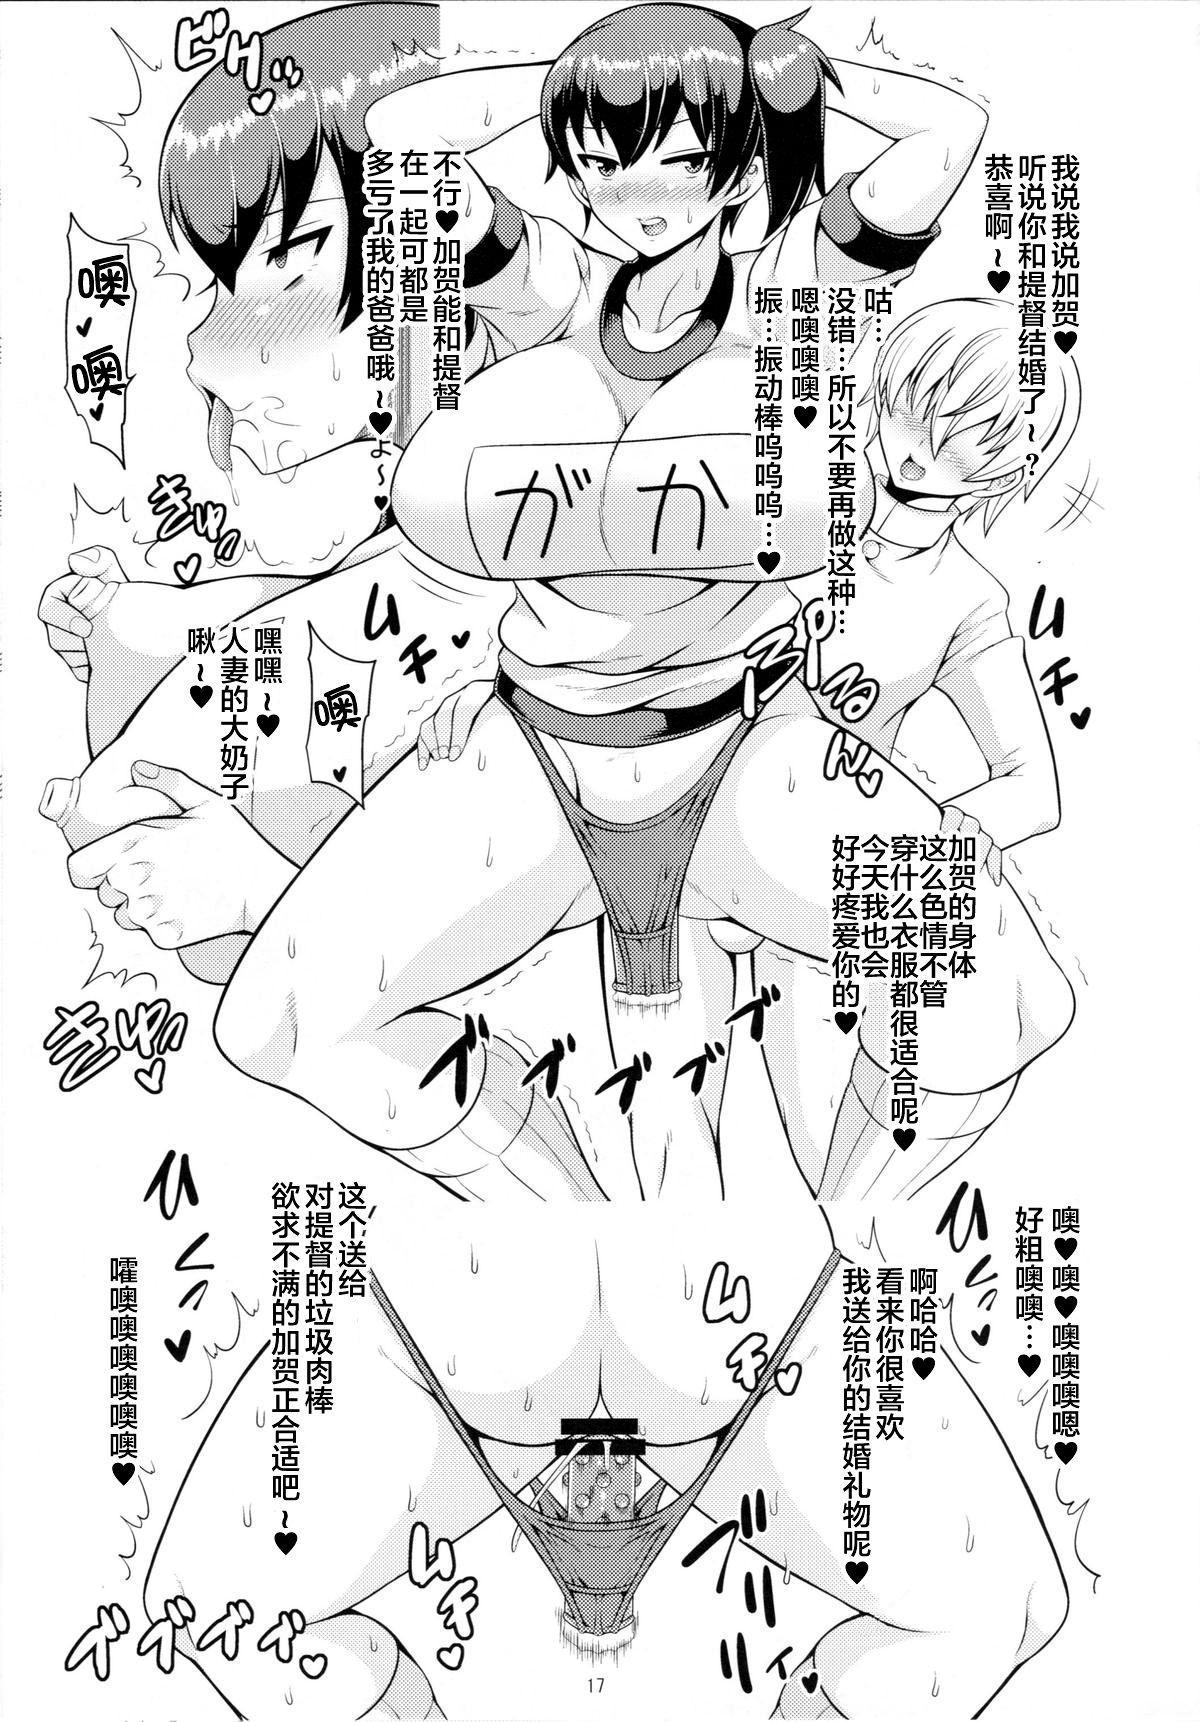 Kaga-san ga ShotaChin de Nhoo♥ suru Hon Kai 17